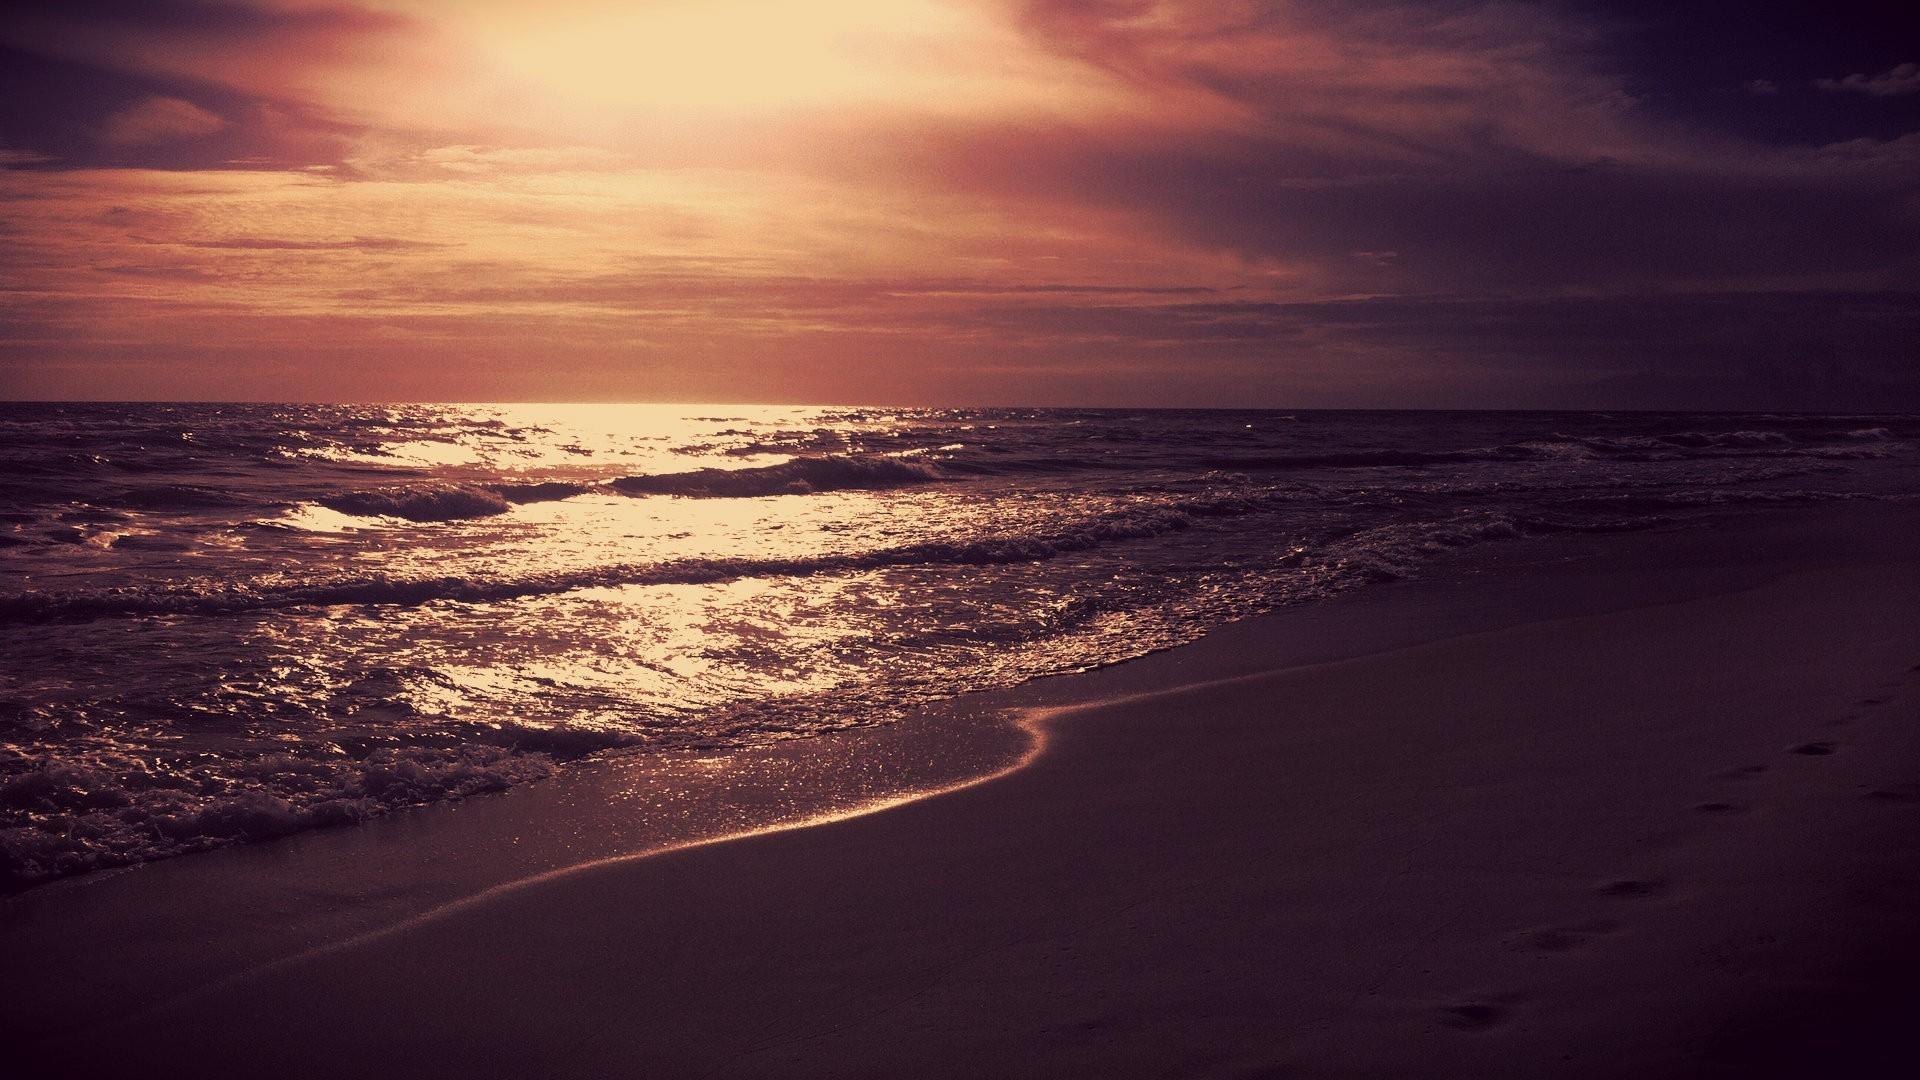 Hd wallpaper widescreen 1080p nature - Download Wallpaper 1920x1080 Sea Night Sunset Light